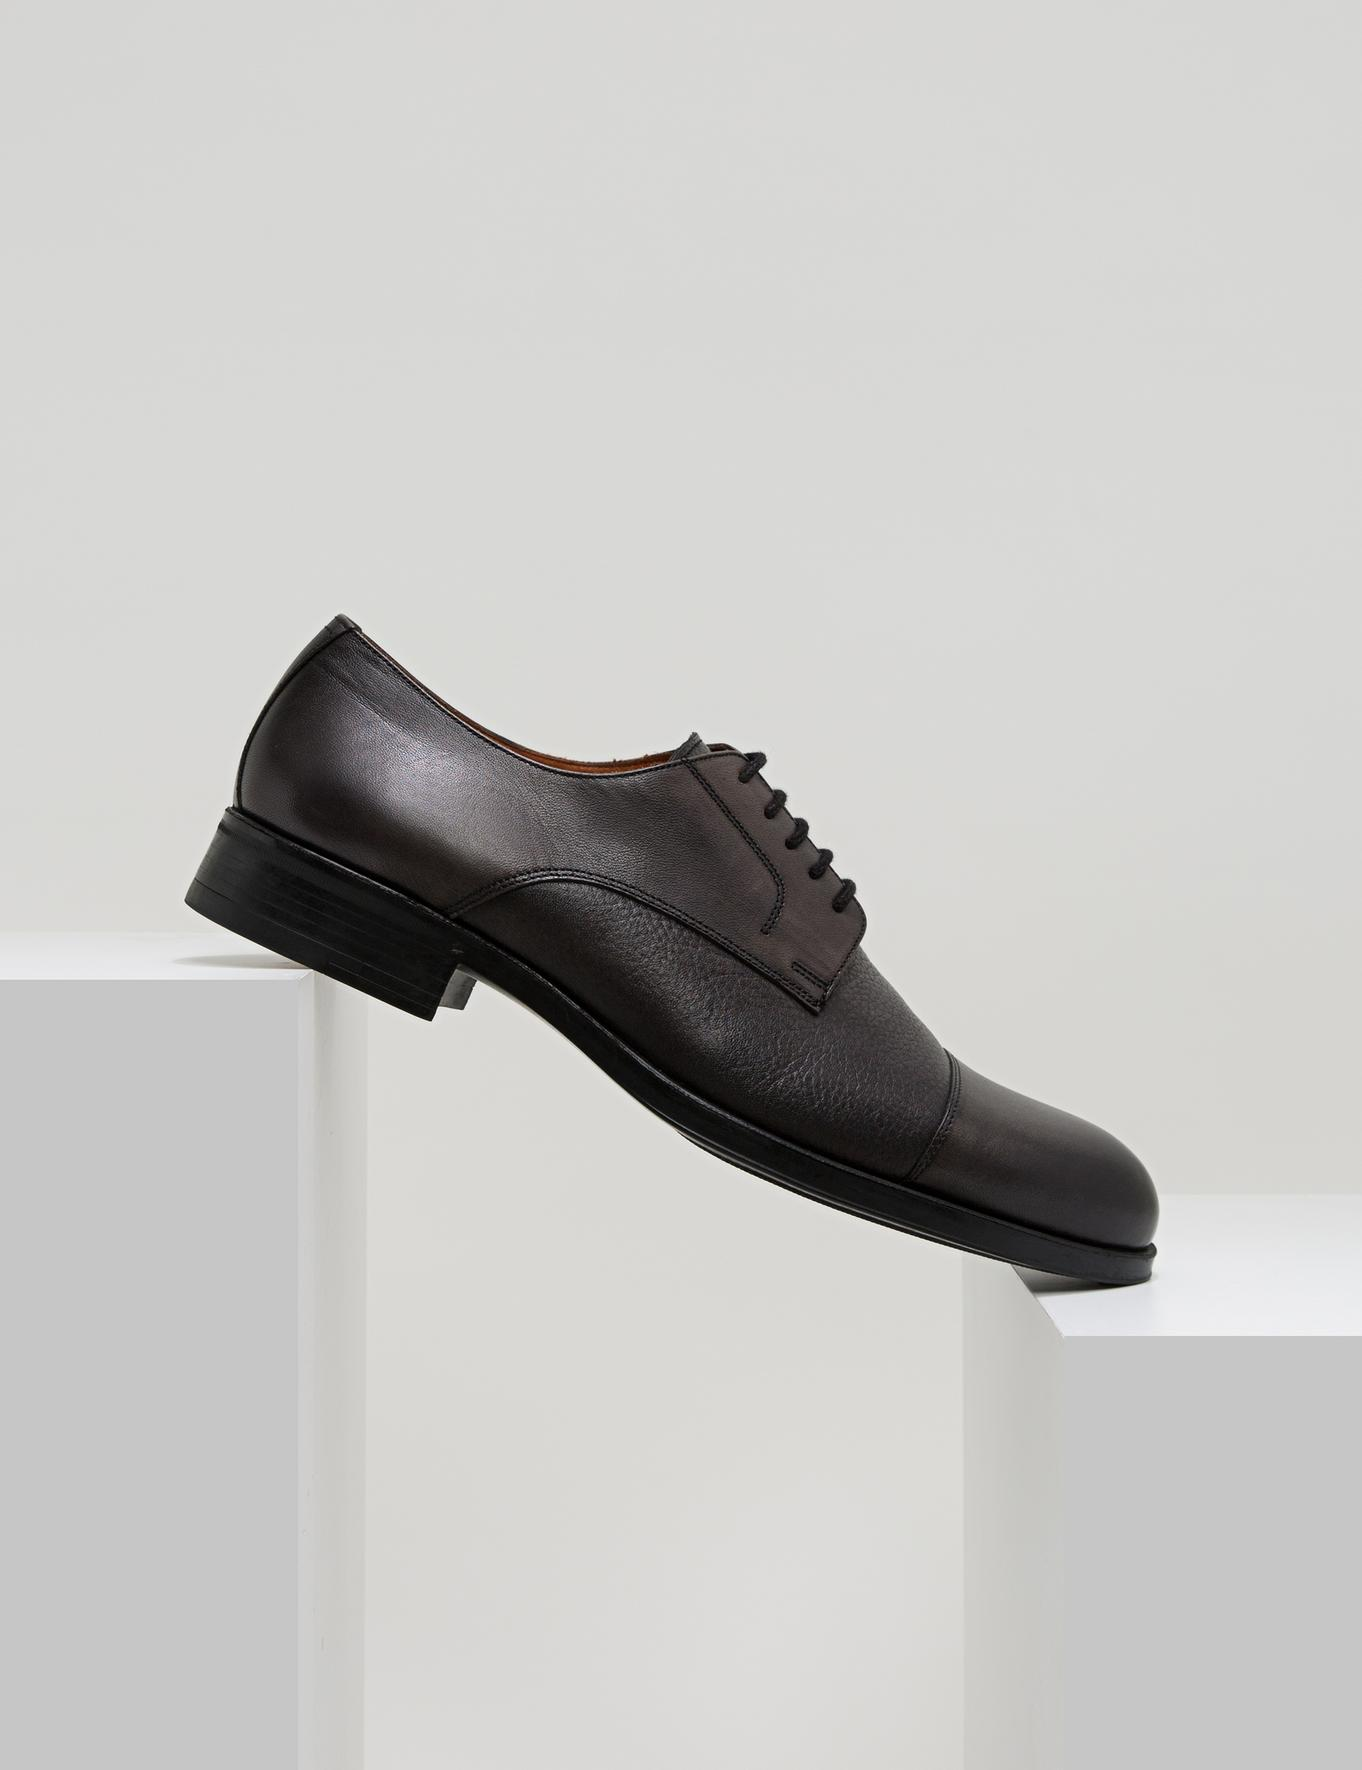 Antrasit Ayakkabı - 50214163002